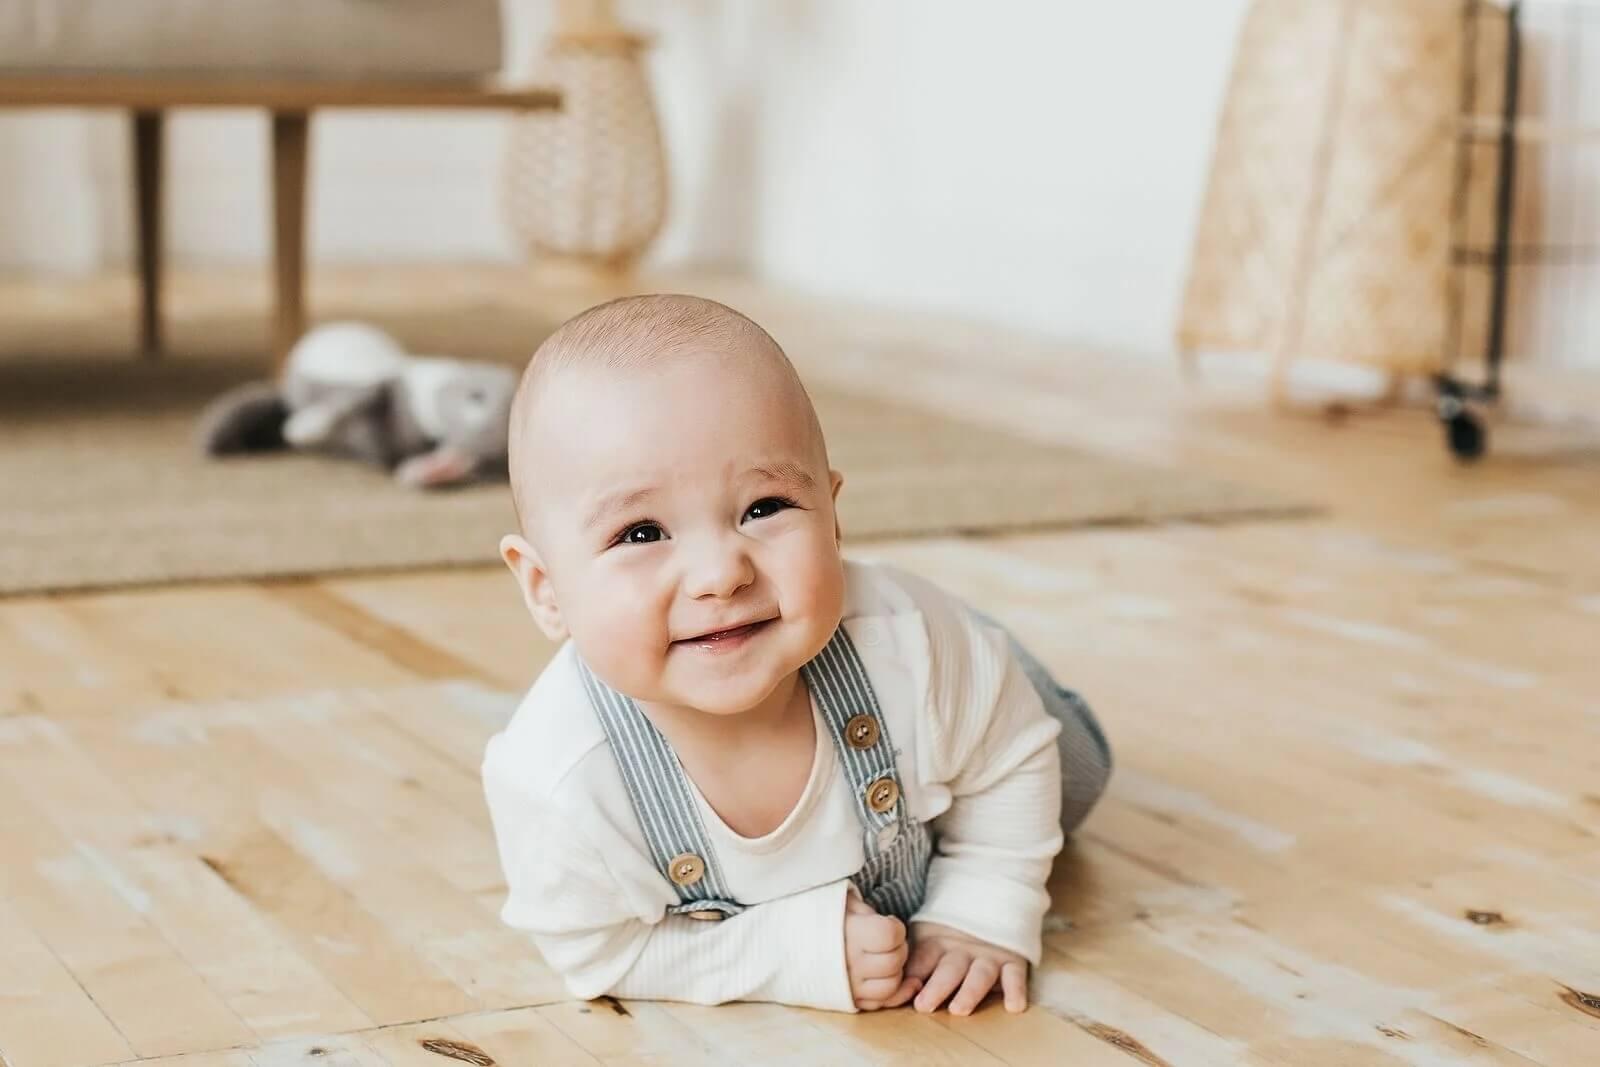 Bebê feliz enquanto engatinha e aprende a ter uma boa higiene postural.